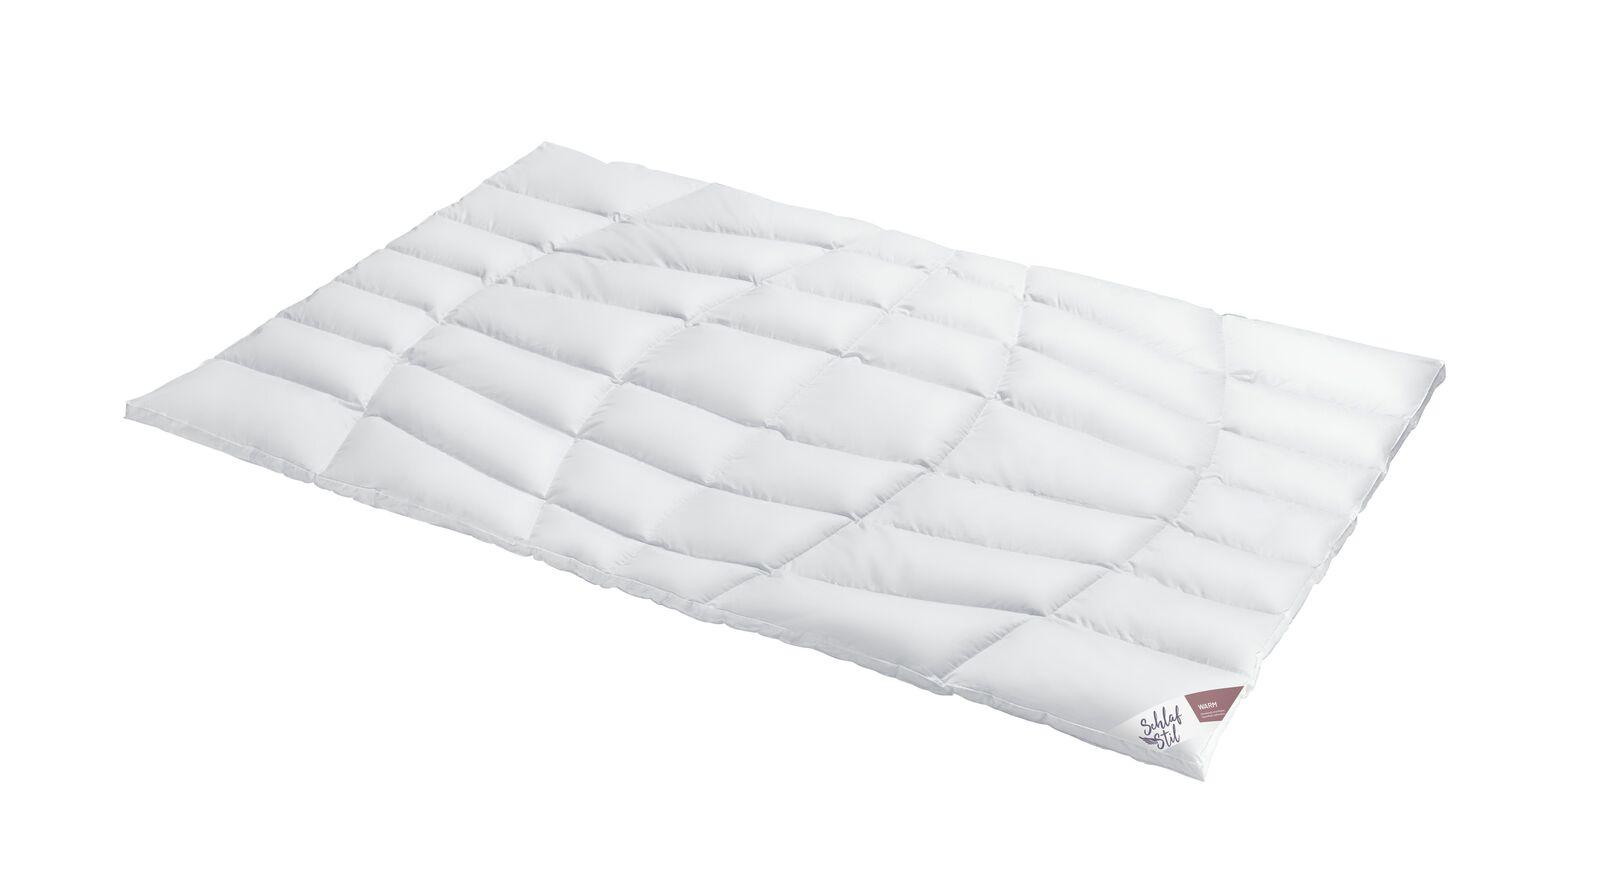 SCHLAFSTIL Eiderdaunen-Bettdecke D1000 warm für hohen Wärmebedarf